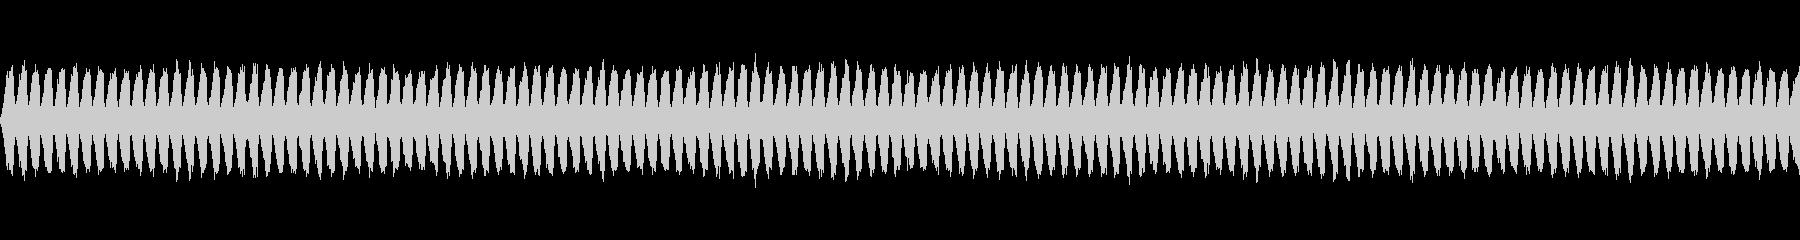 ギュインギュイン パワー全開の未再生の波形